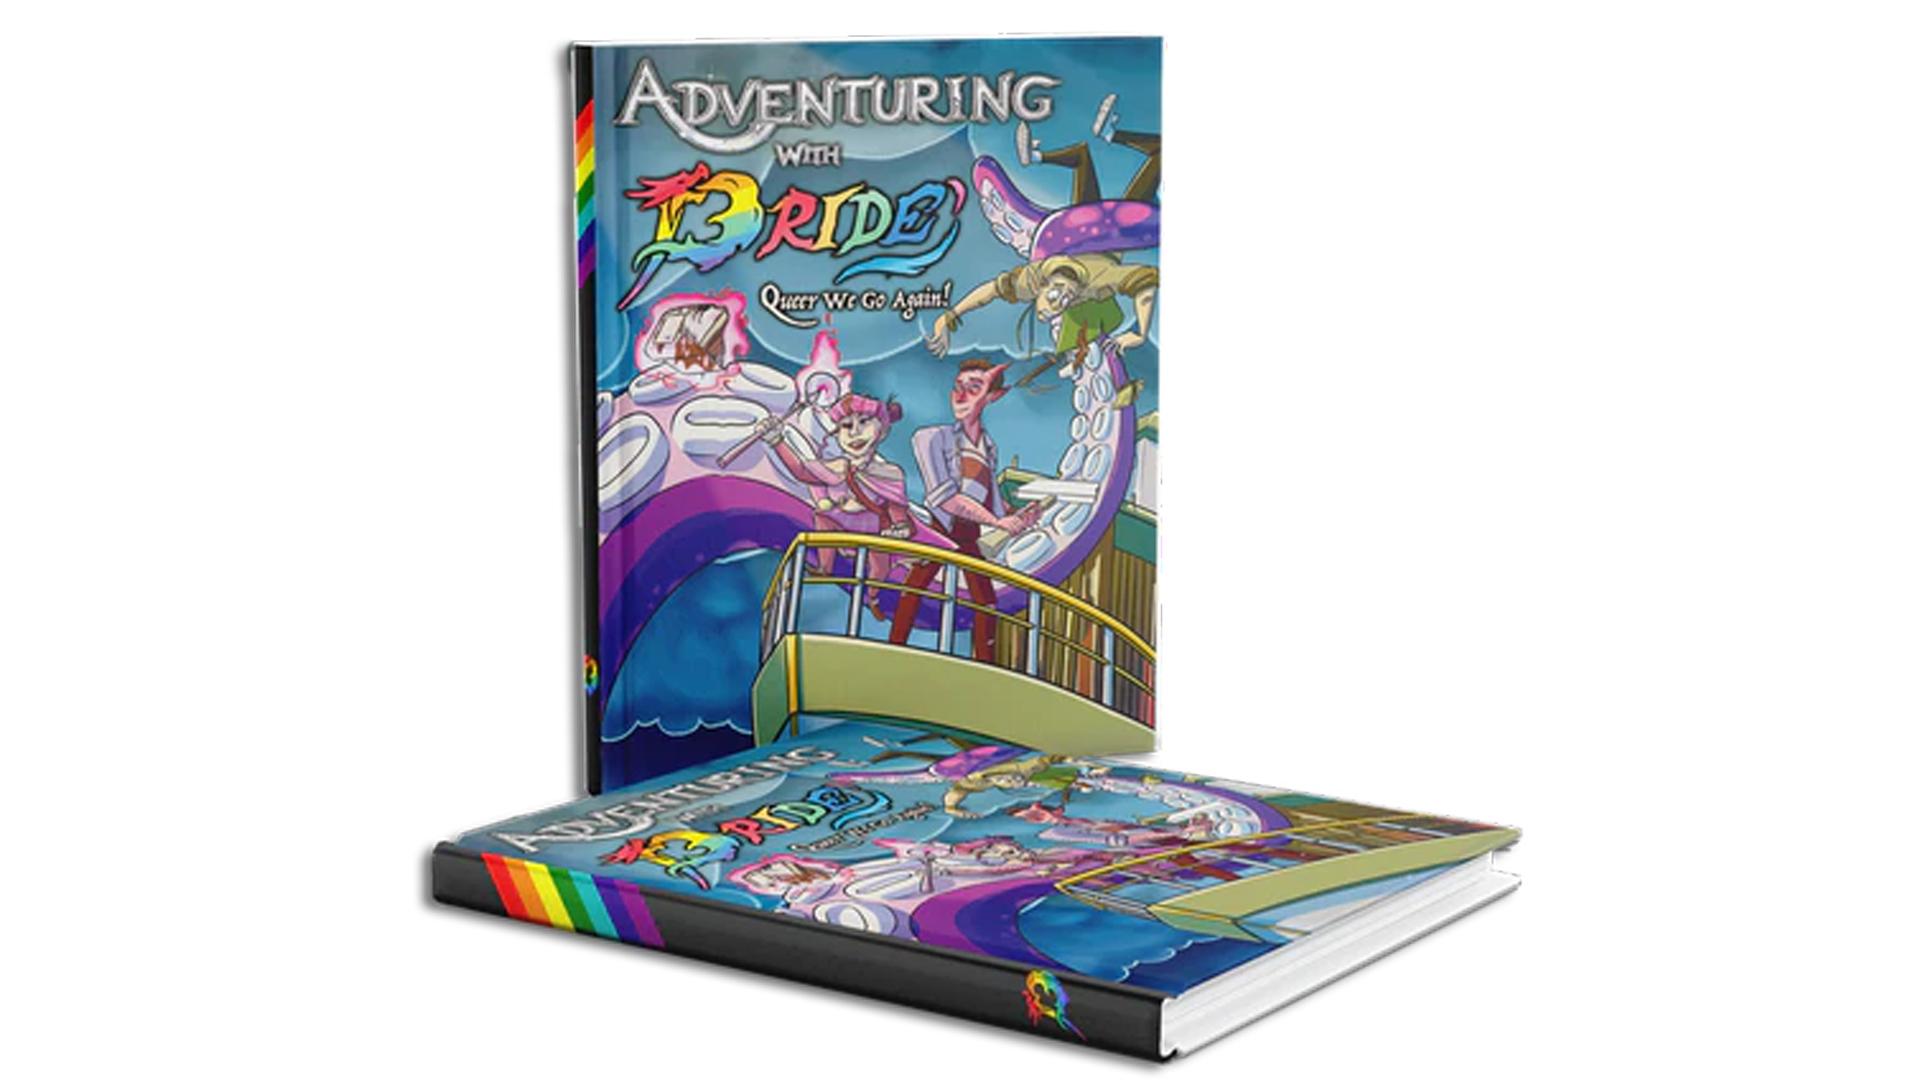 Queer We Go Again! books